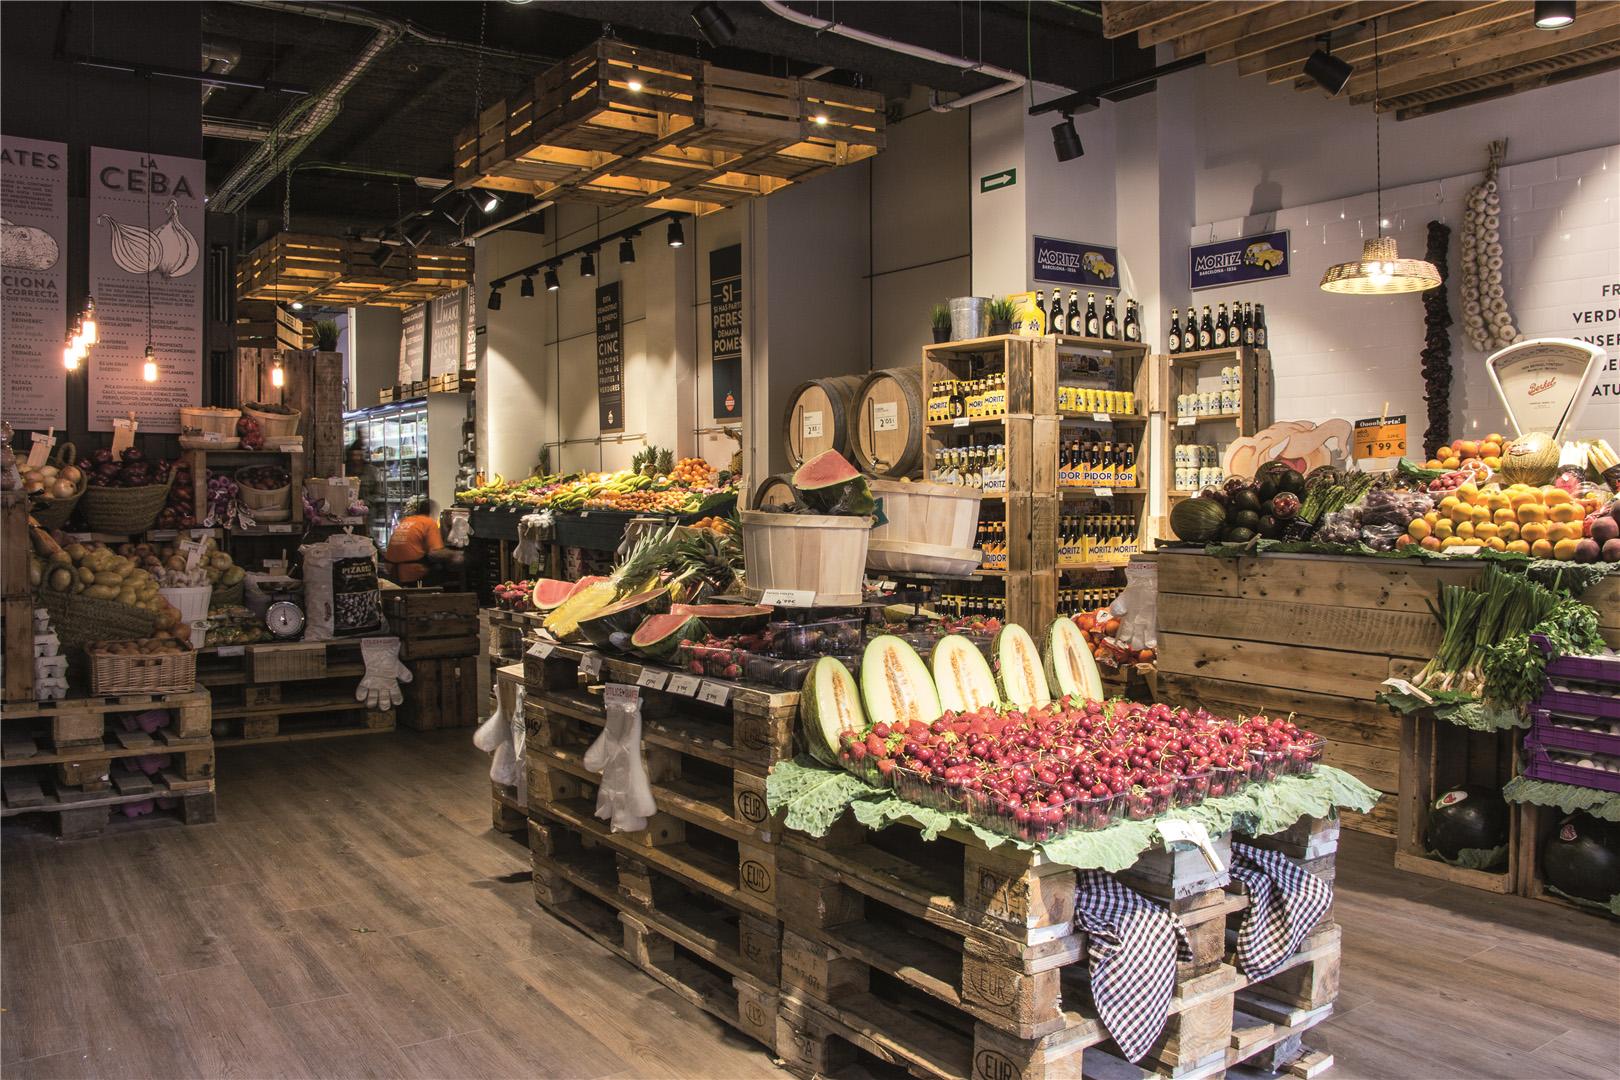 Fruitsa2pe inaugura un nuevo concepto de tienda en barcelona for Decoracion interiores barcelona